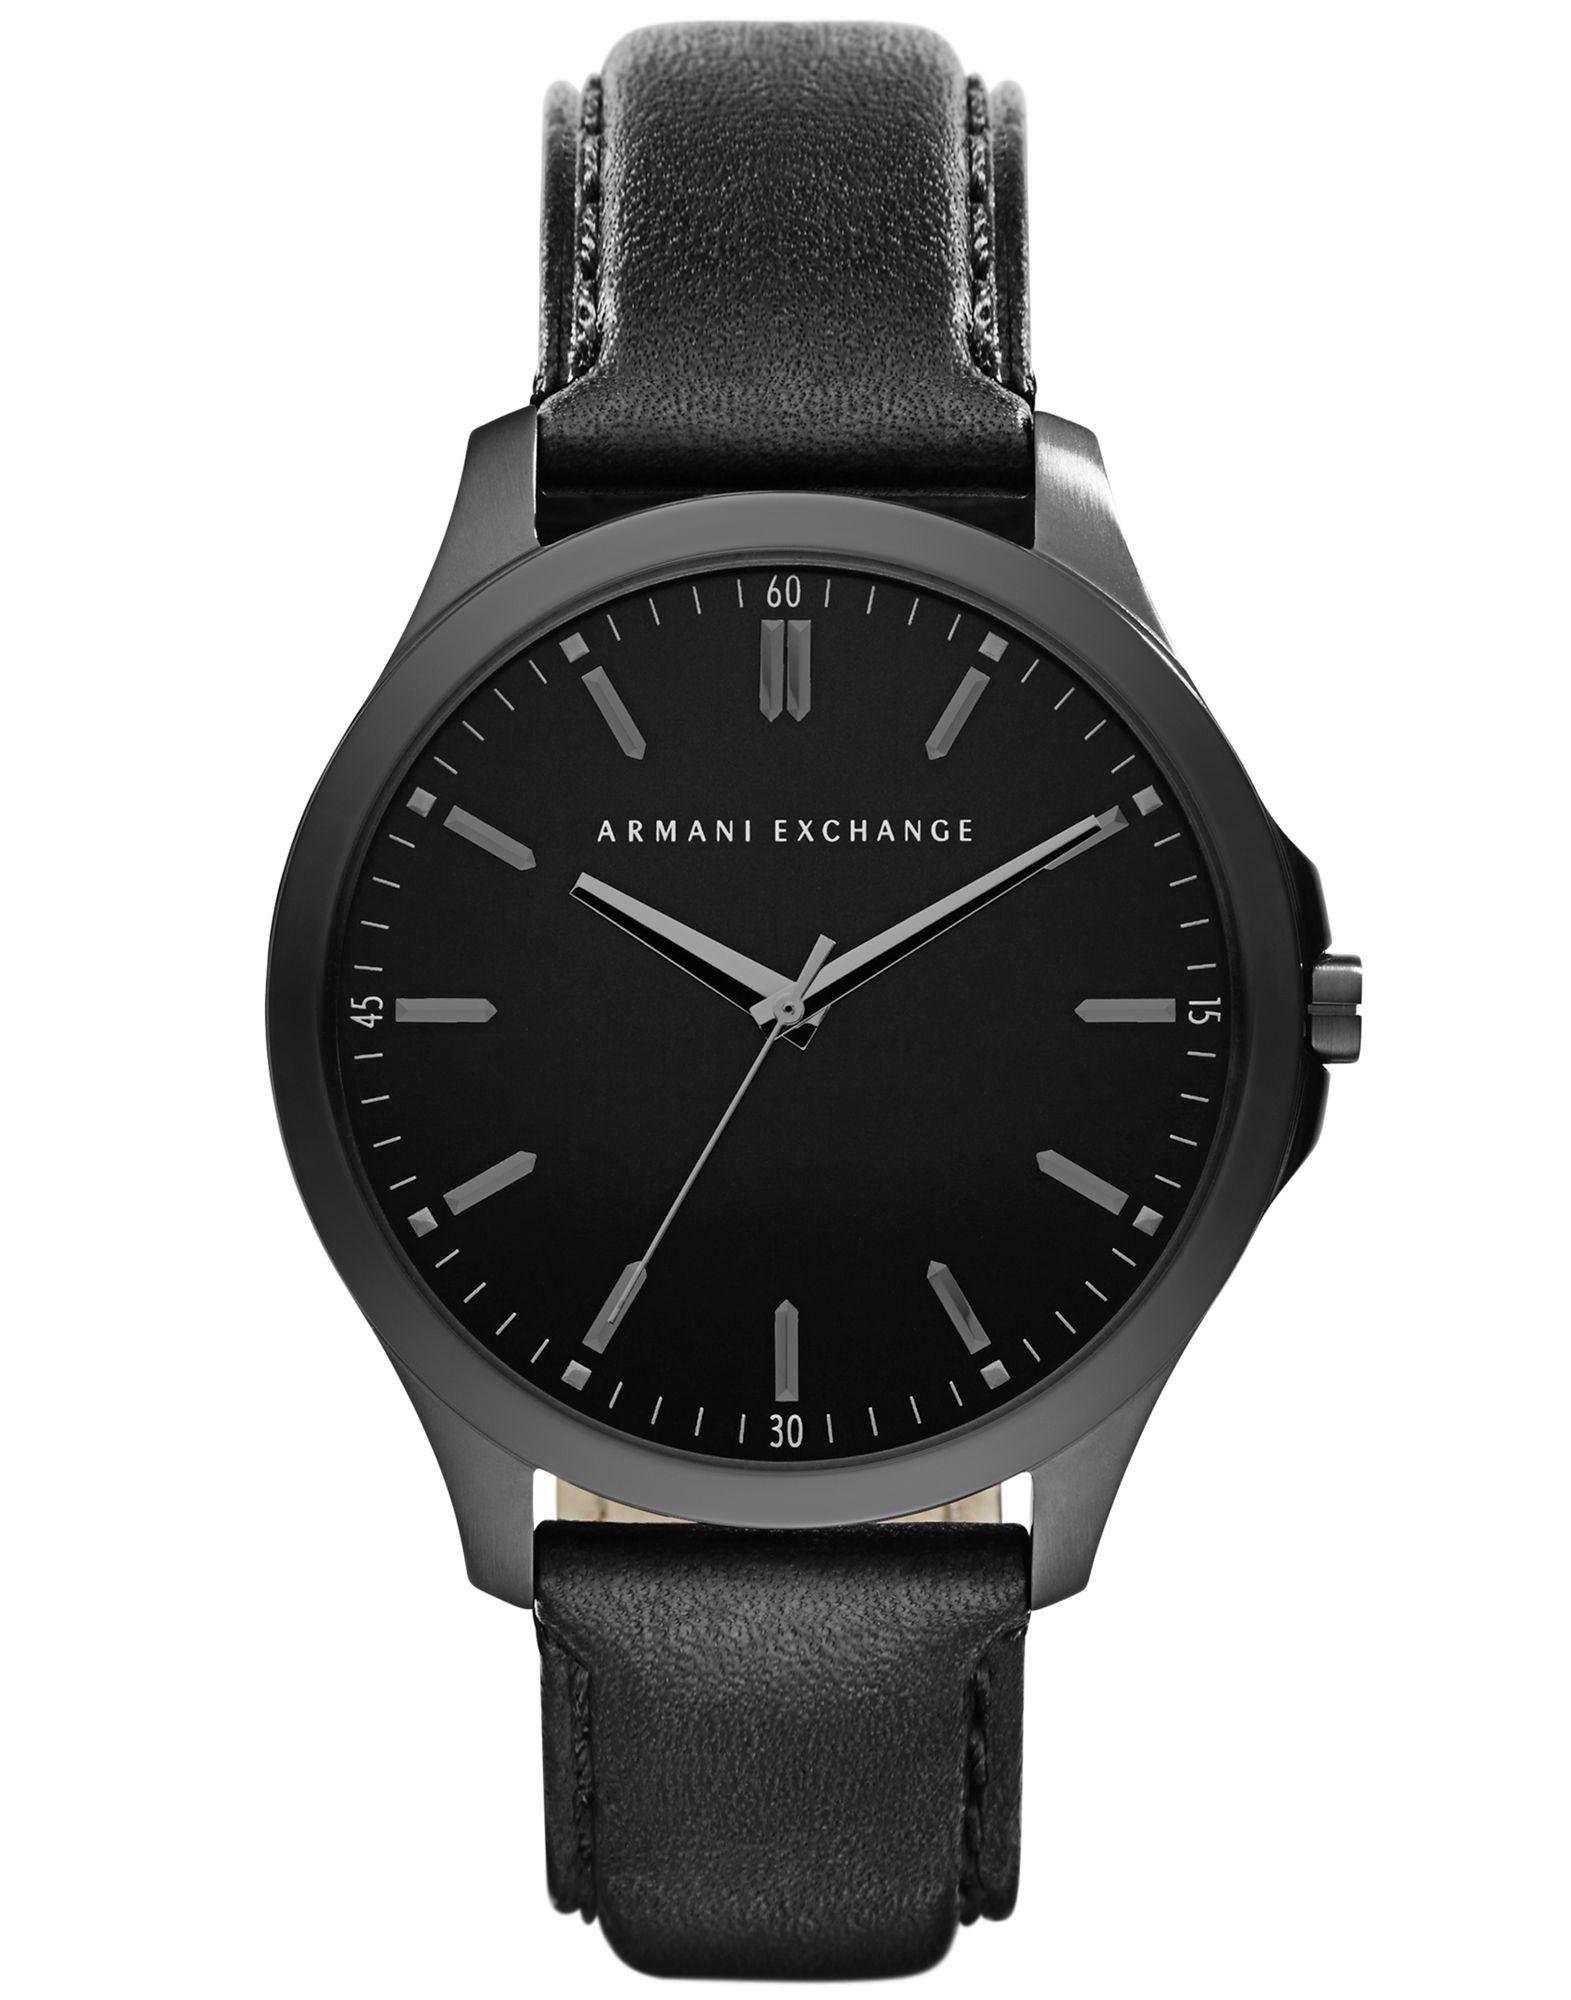 《送料無料》ARMANI EXCHANGE メンズ 腕時計 ブラック ステンレススチール / 革